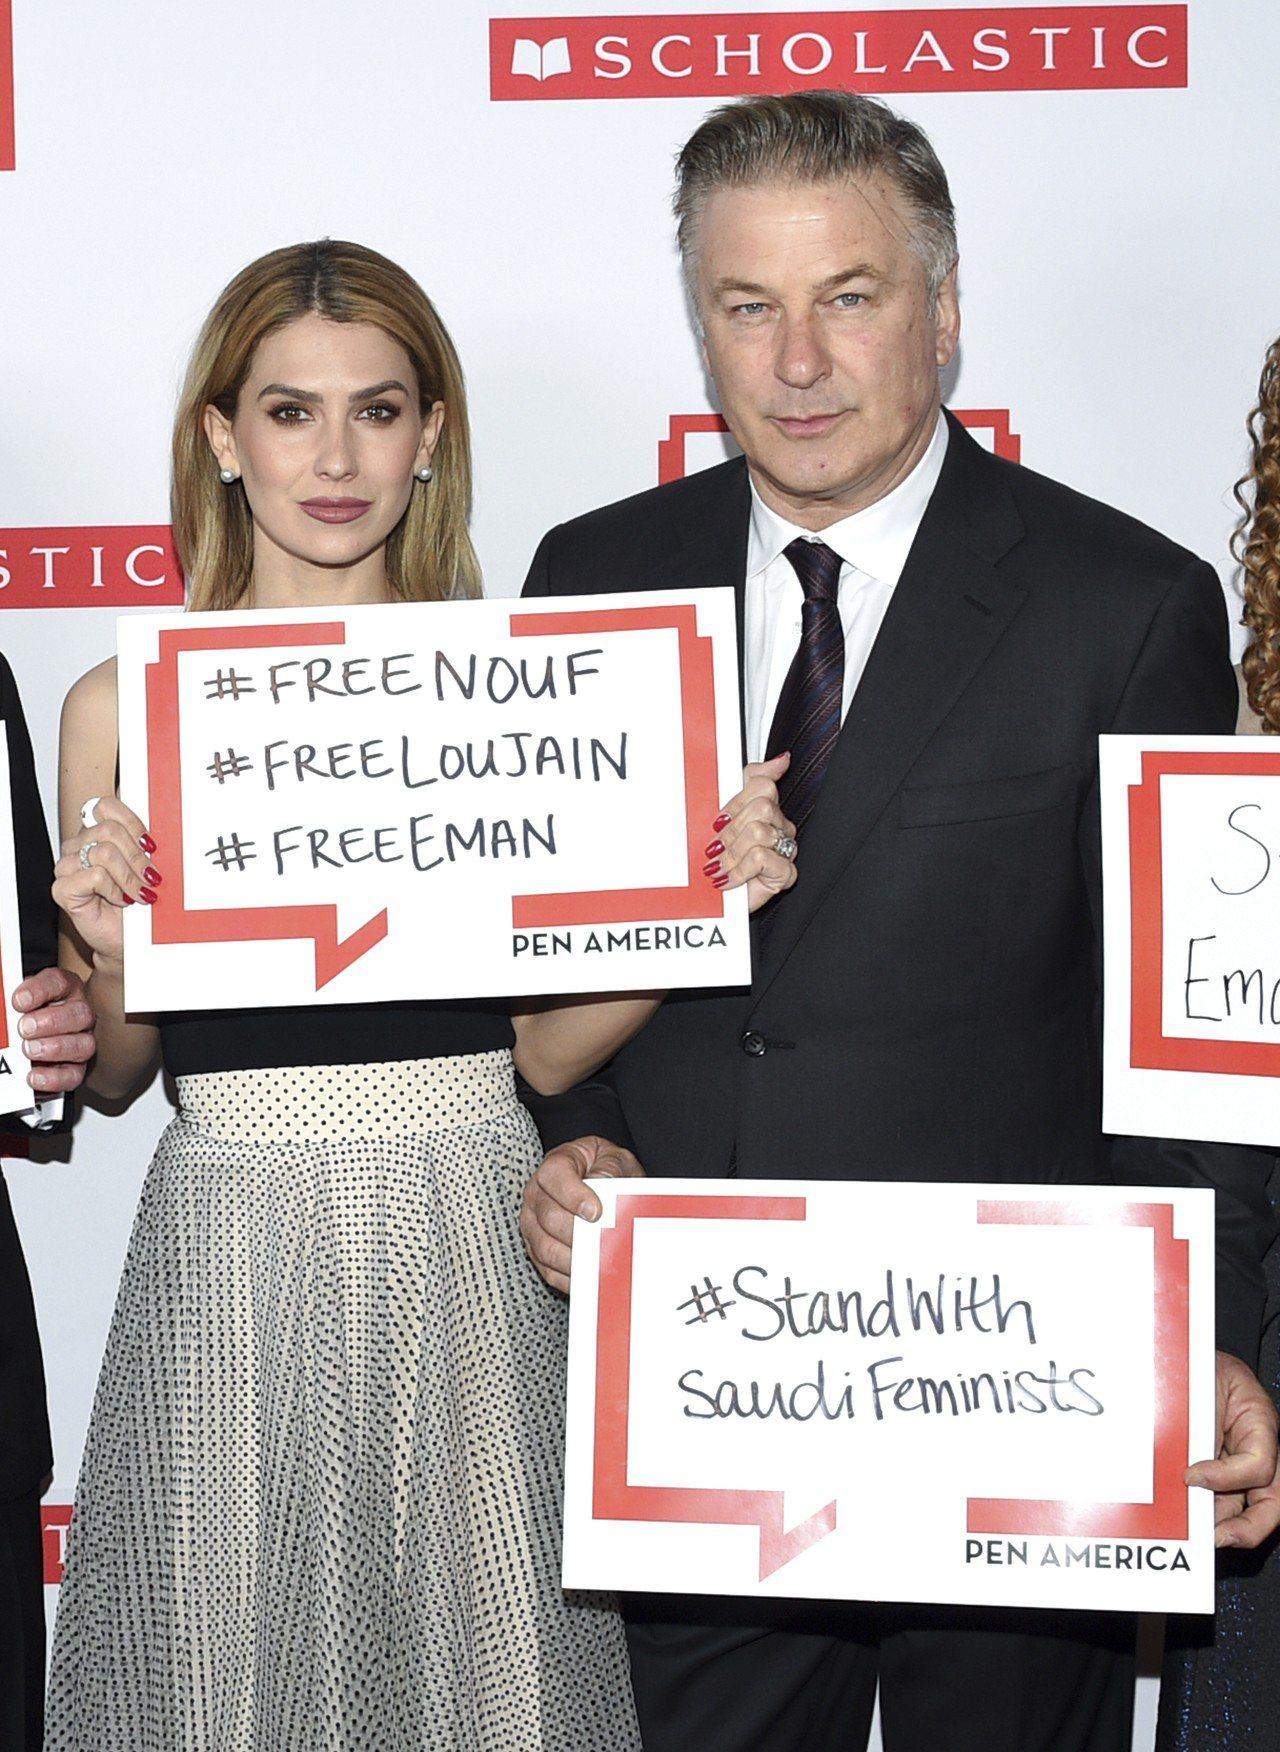 演員艾利克鮑德溫(右)在2019美國筆會晚宴上舉著寫有#StandWithSau...